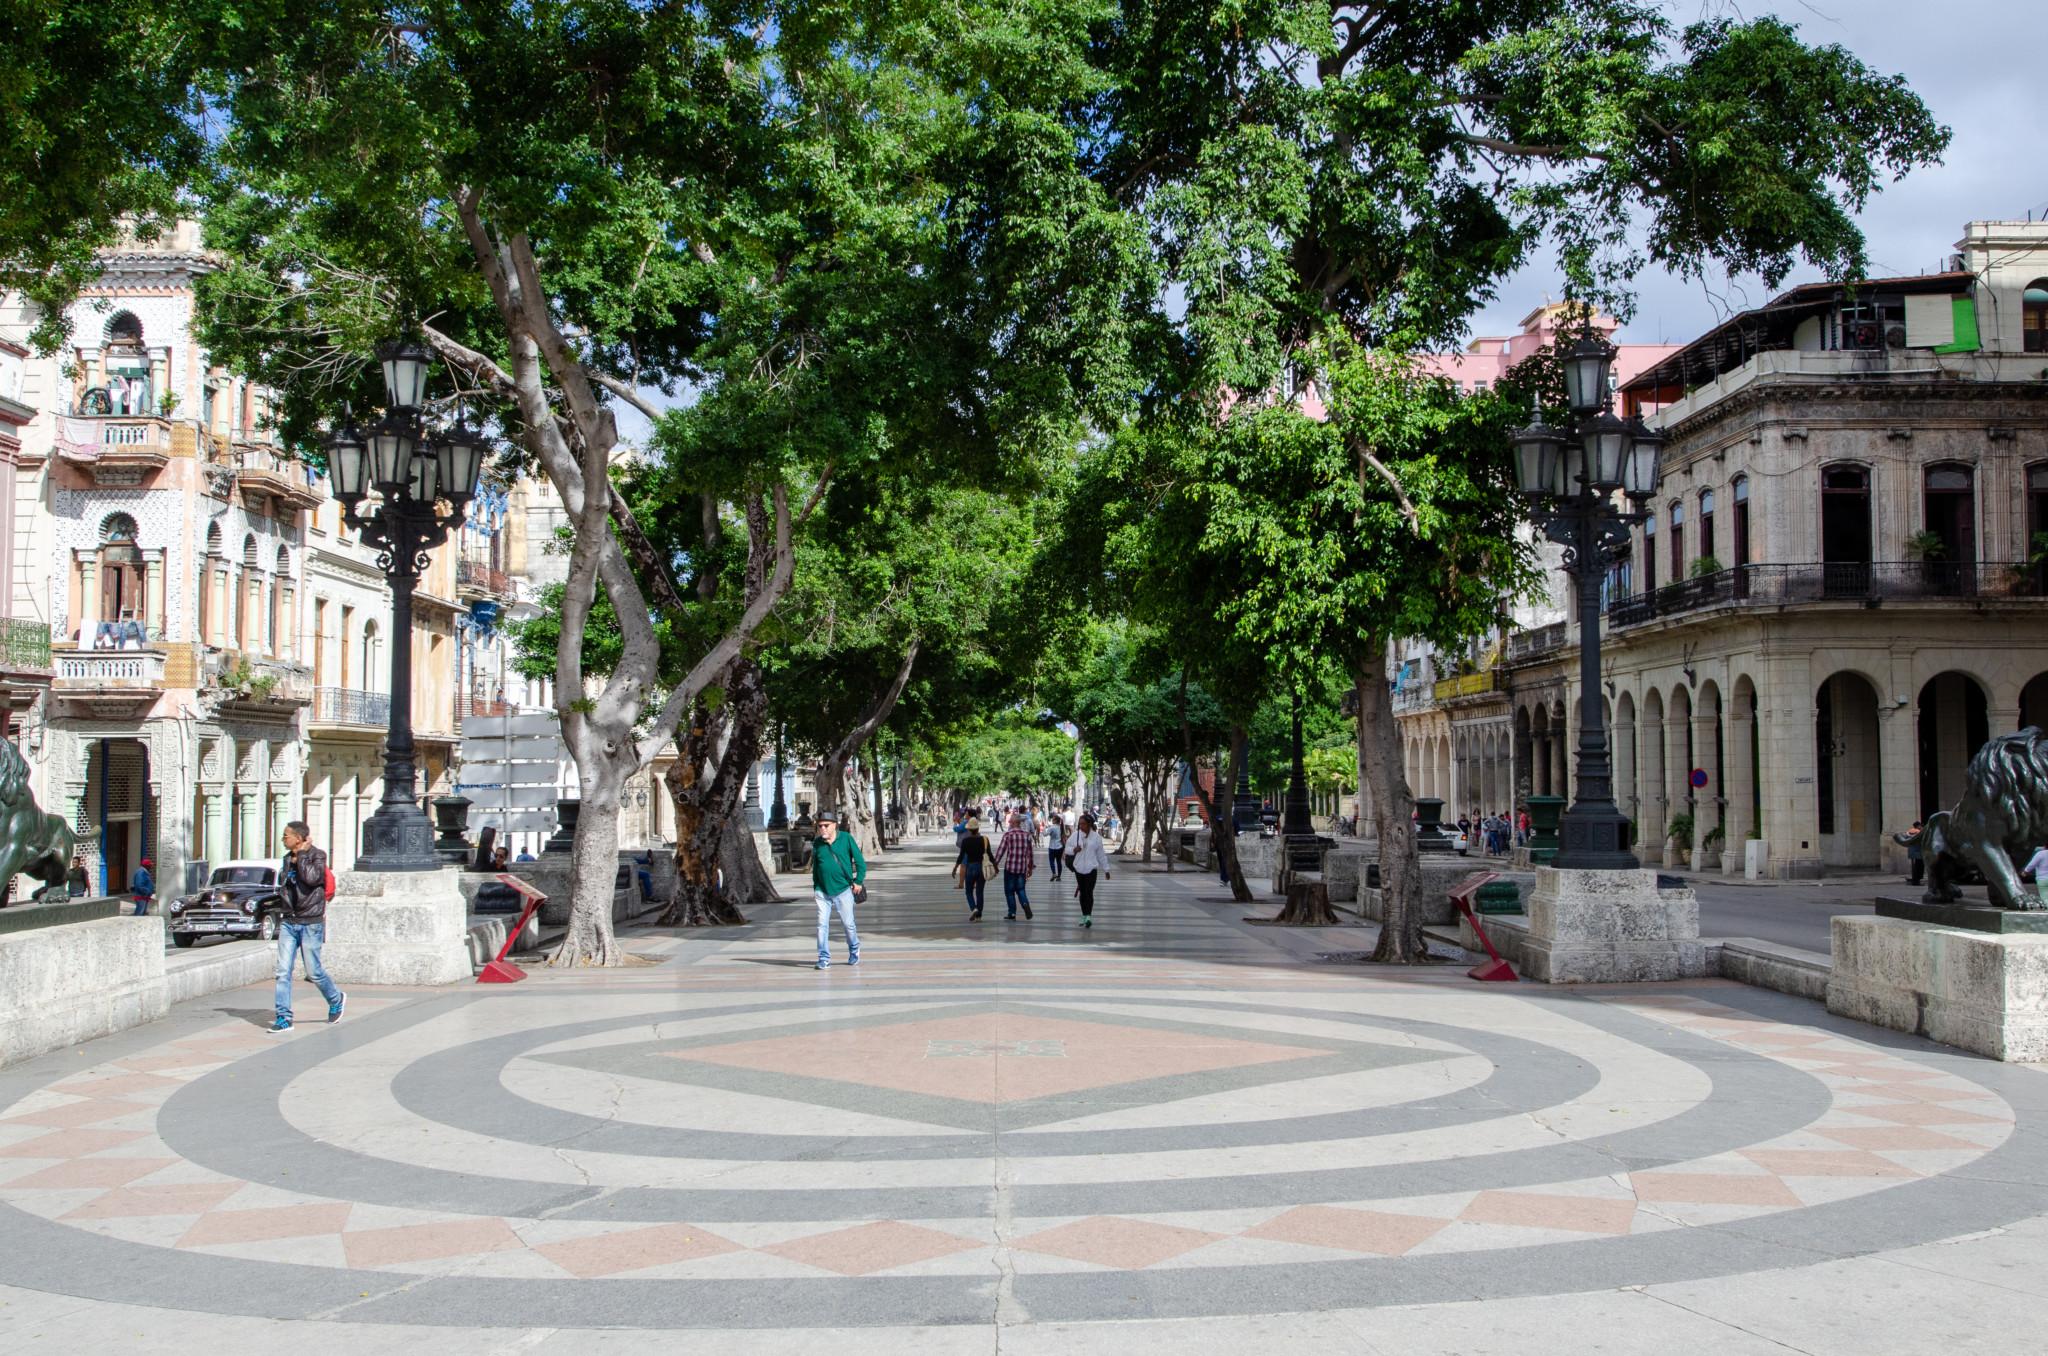 Der Paseo bzw. Prado ist bekannt für Havanna